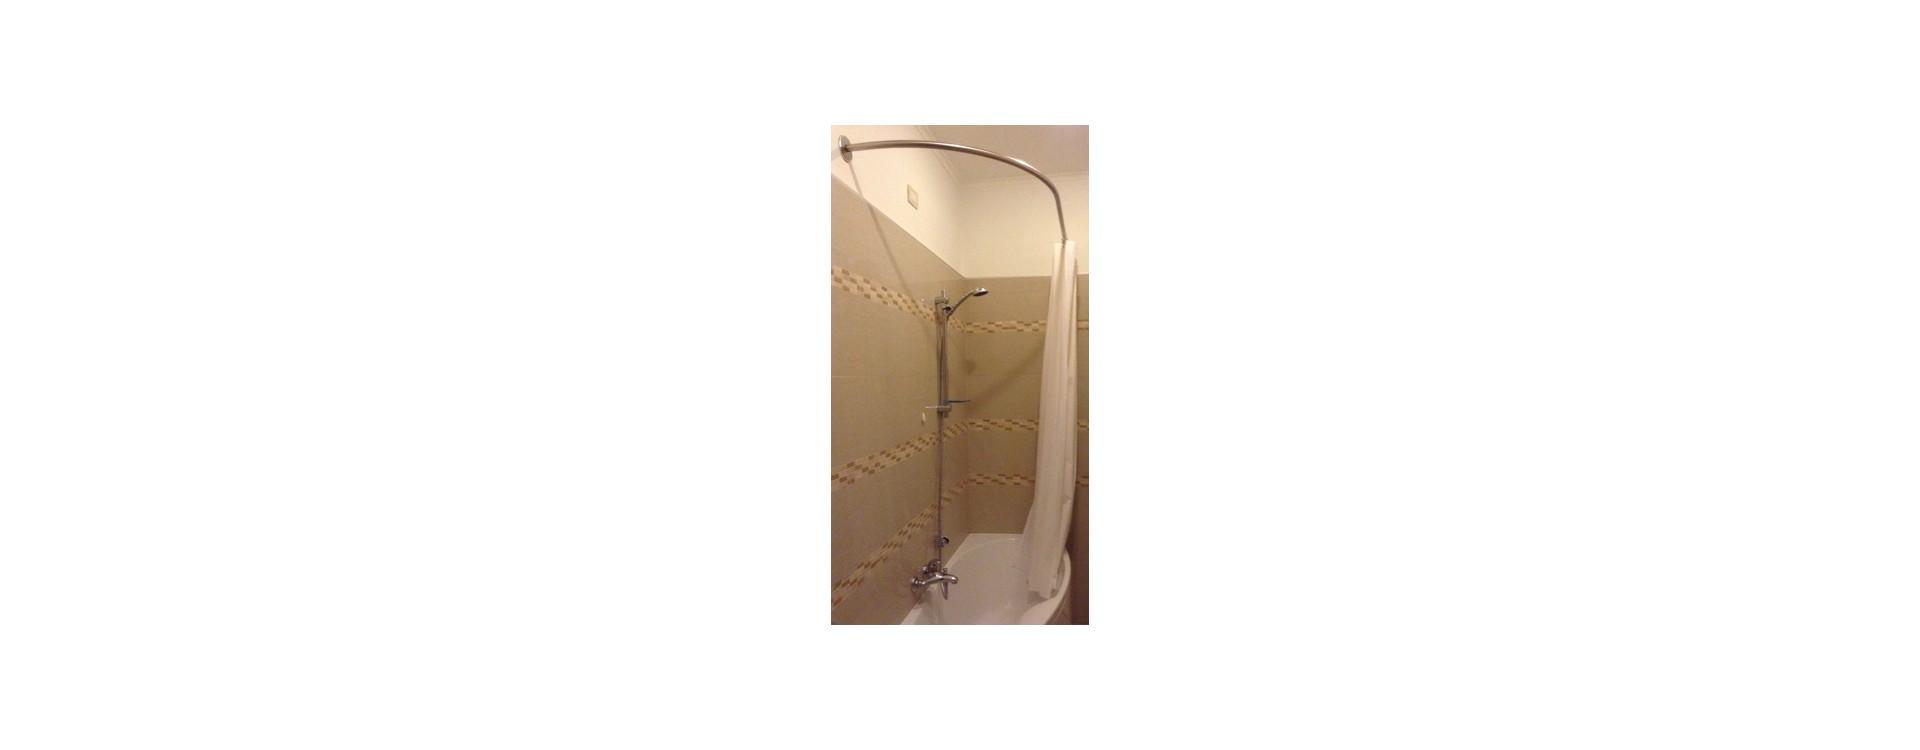 Paroi de douche pour baignoire asymétrique: la solution tringle rideau de douche GalboBain sur-mesure